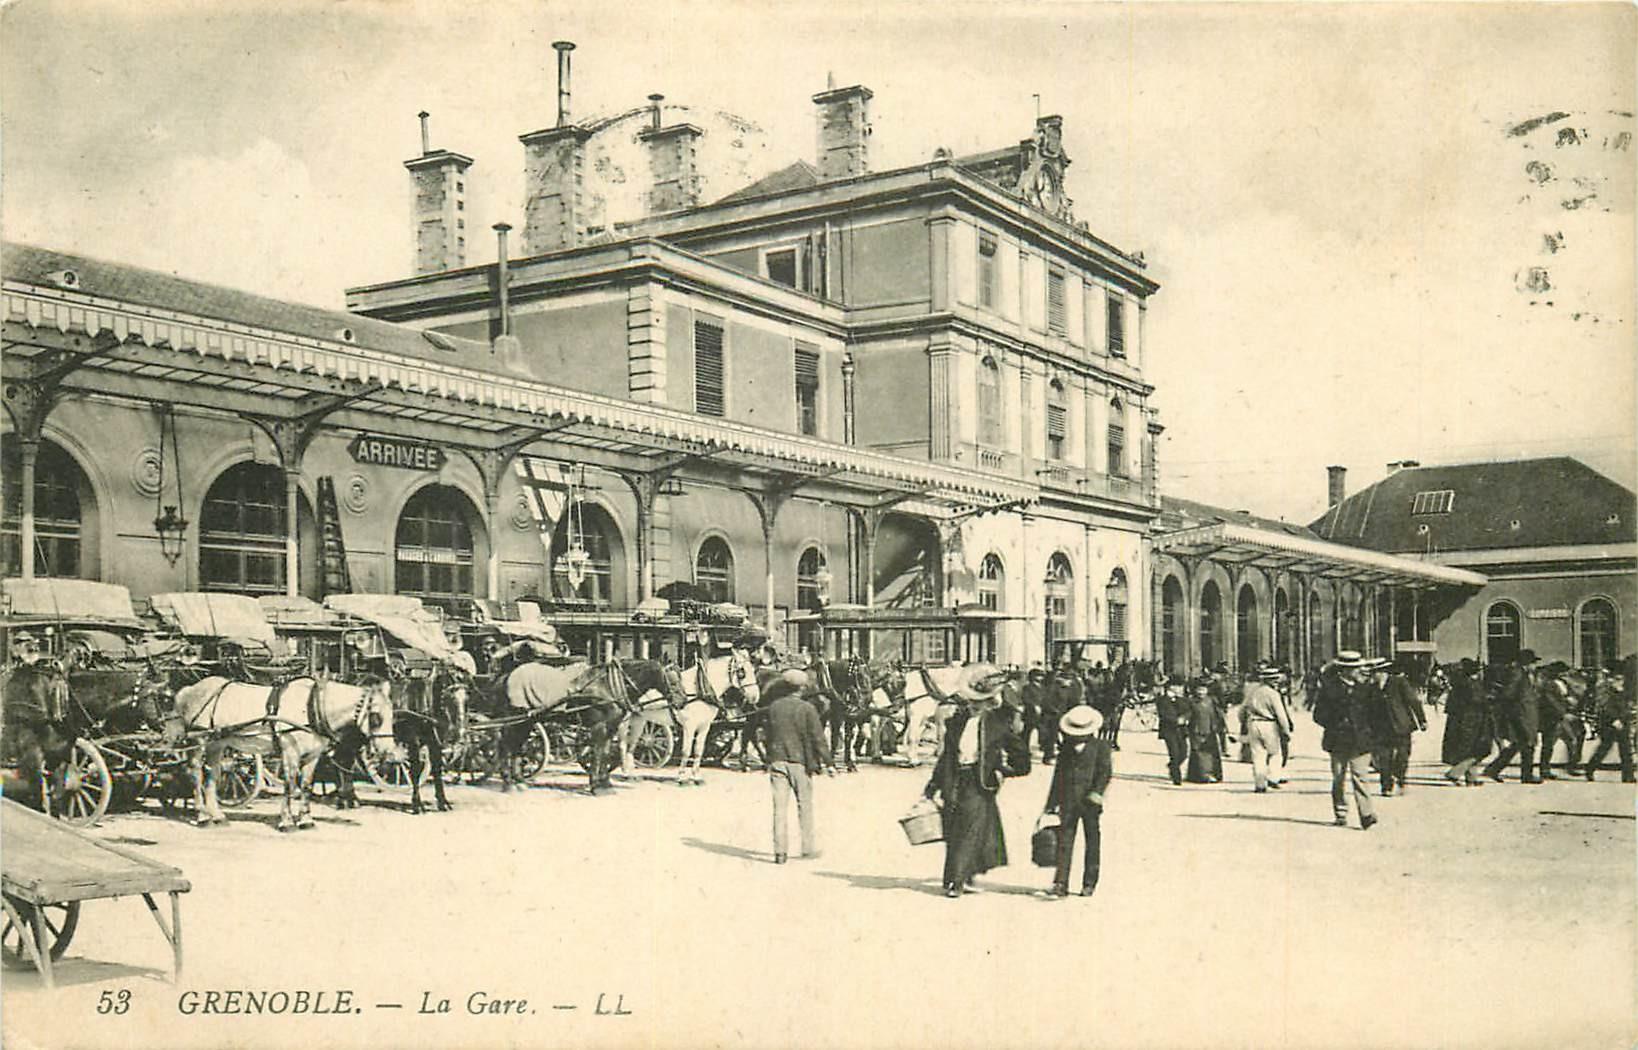 38 GRENOBLE. La Gare 1912